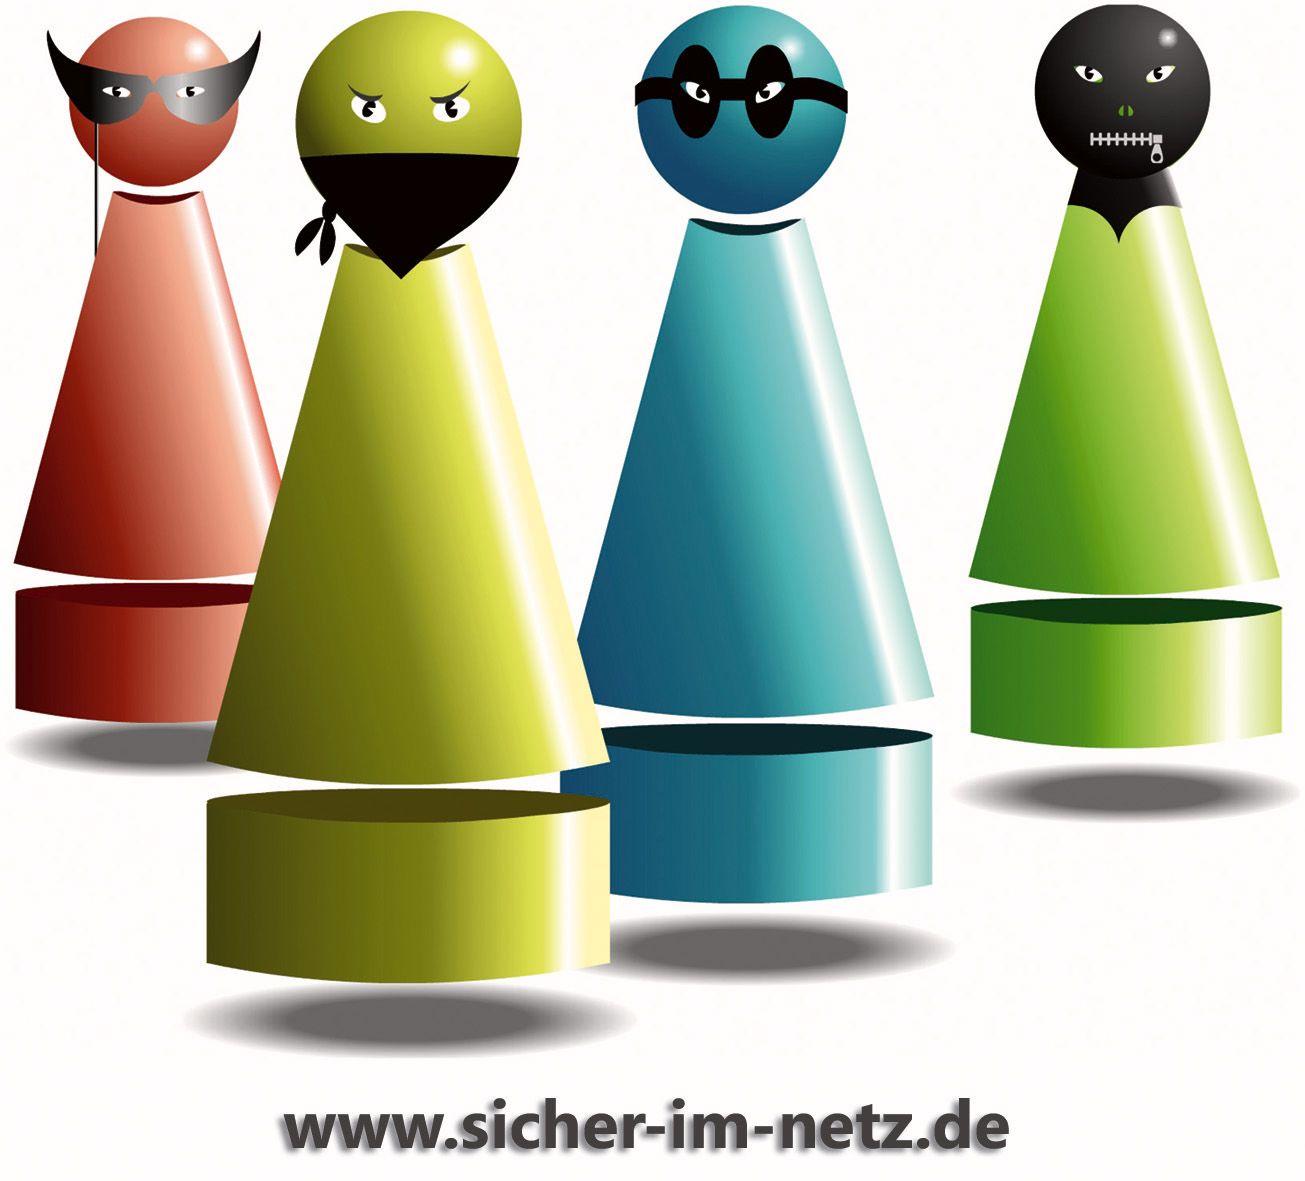 SYMBOLBILD Gruppe / Viren